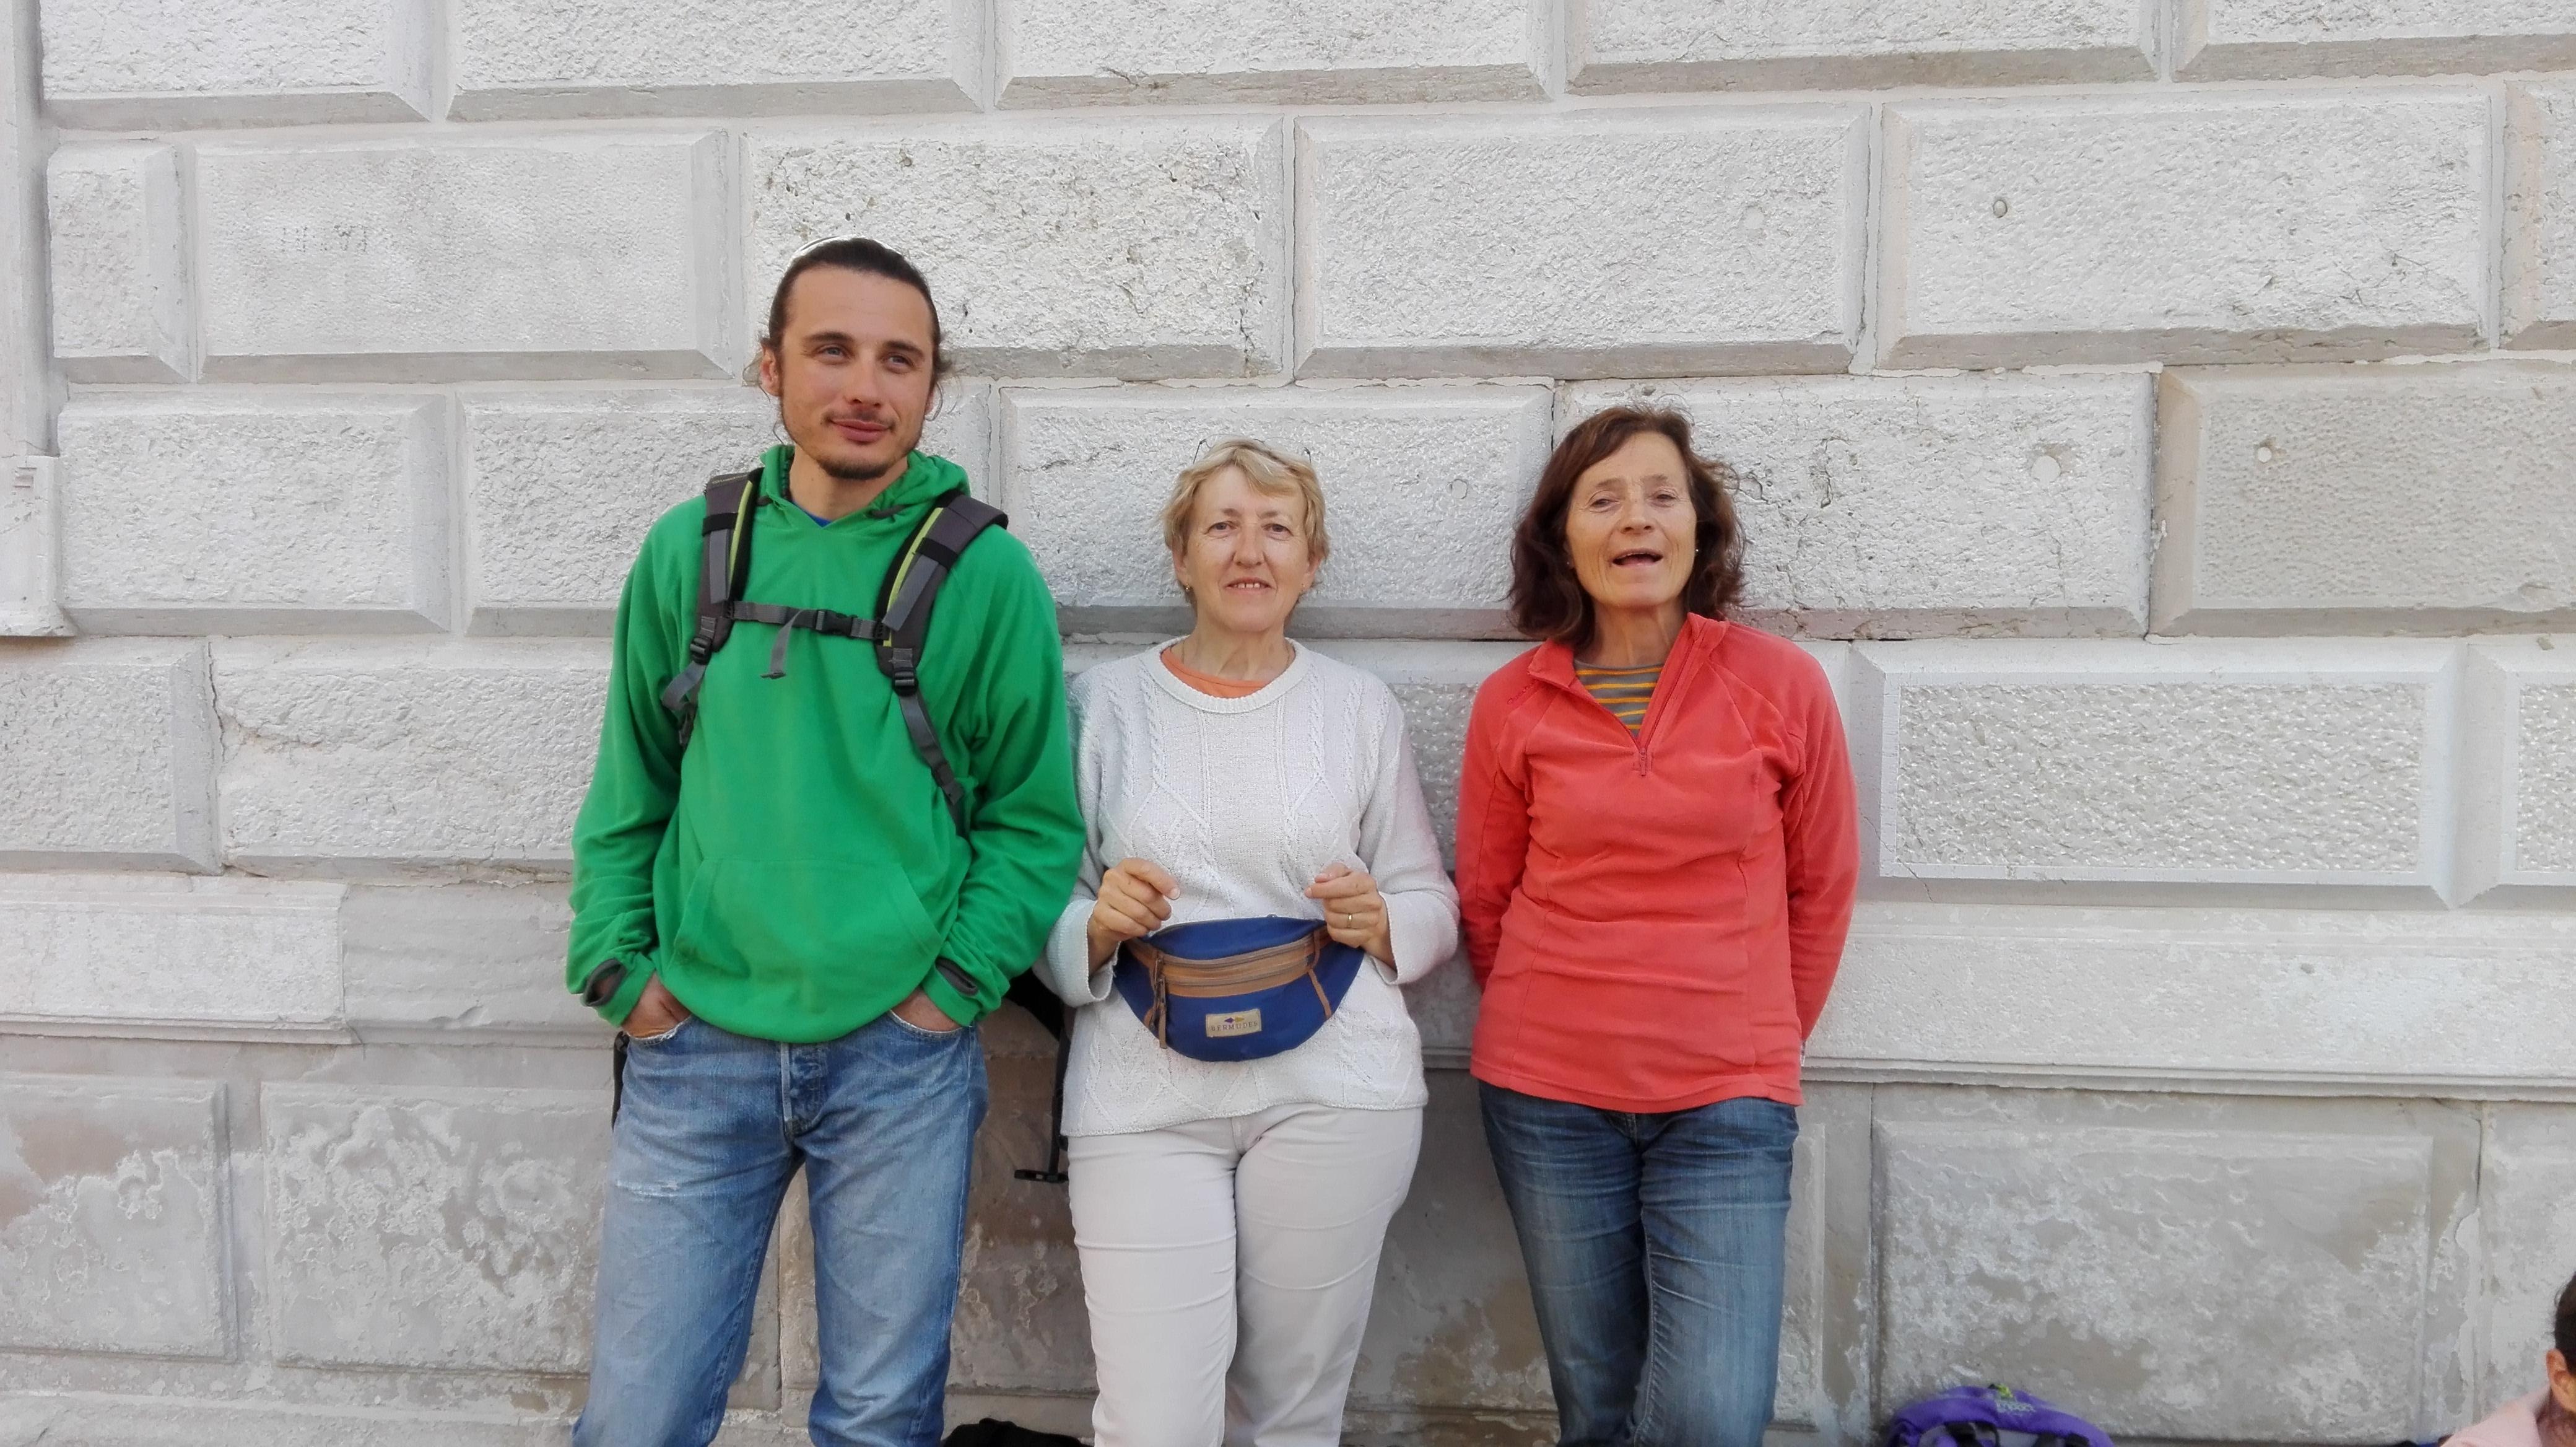 Les profs aux couleurs du drapeau italien